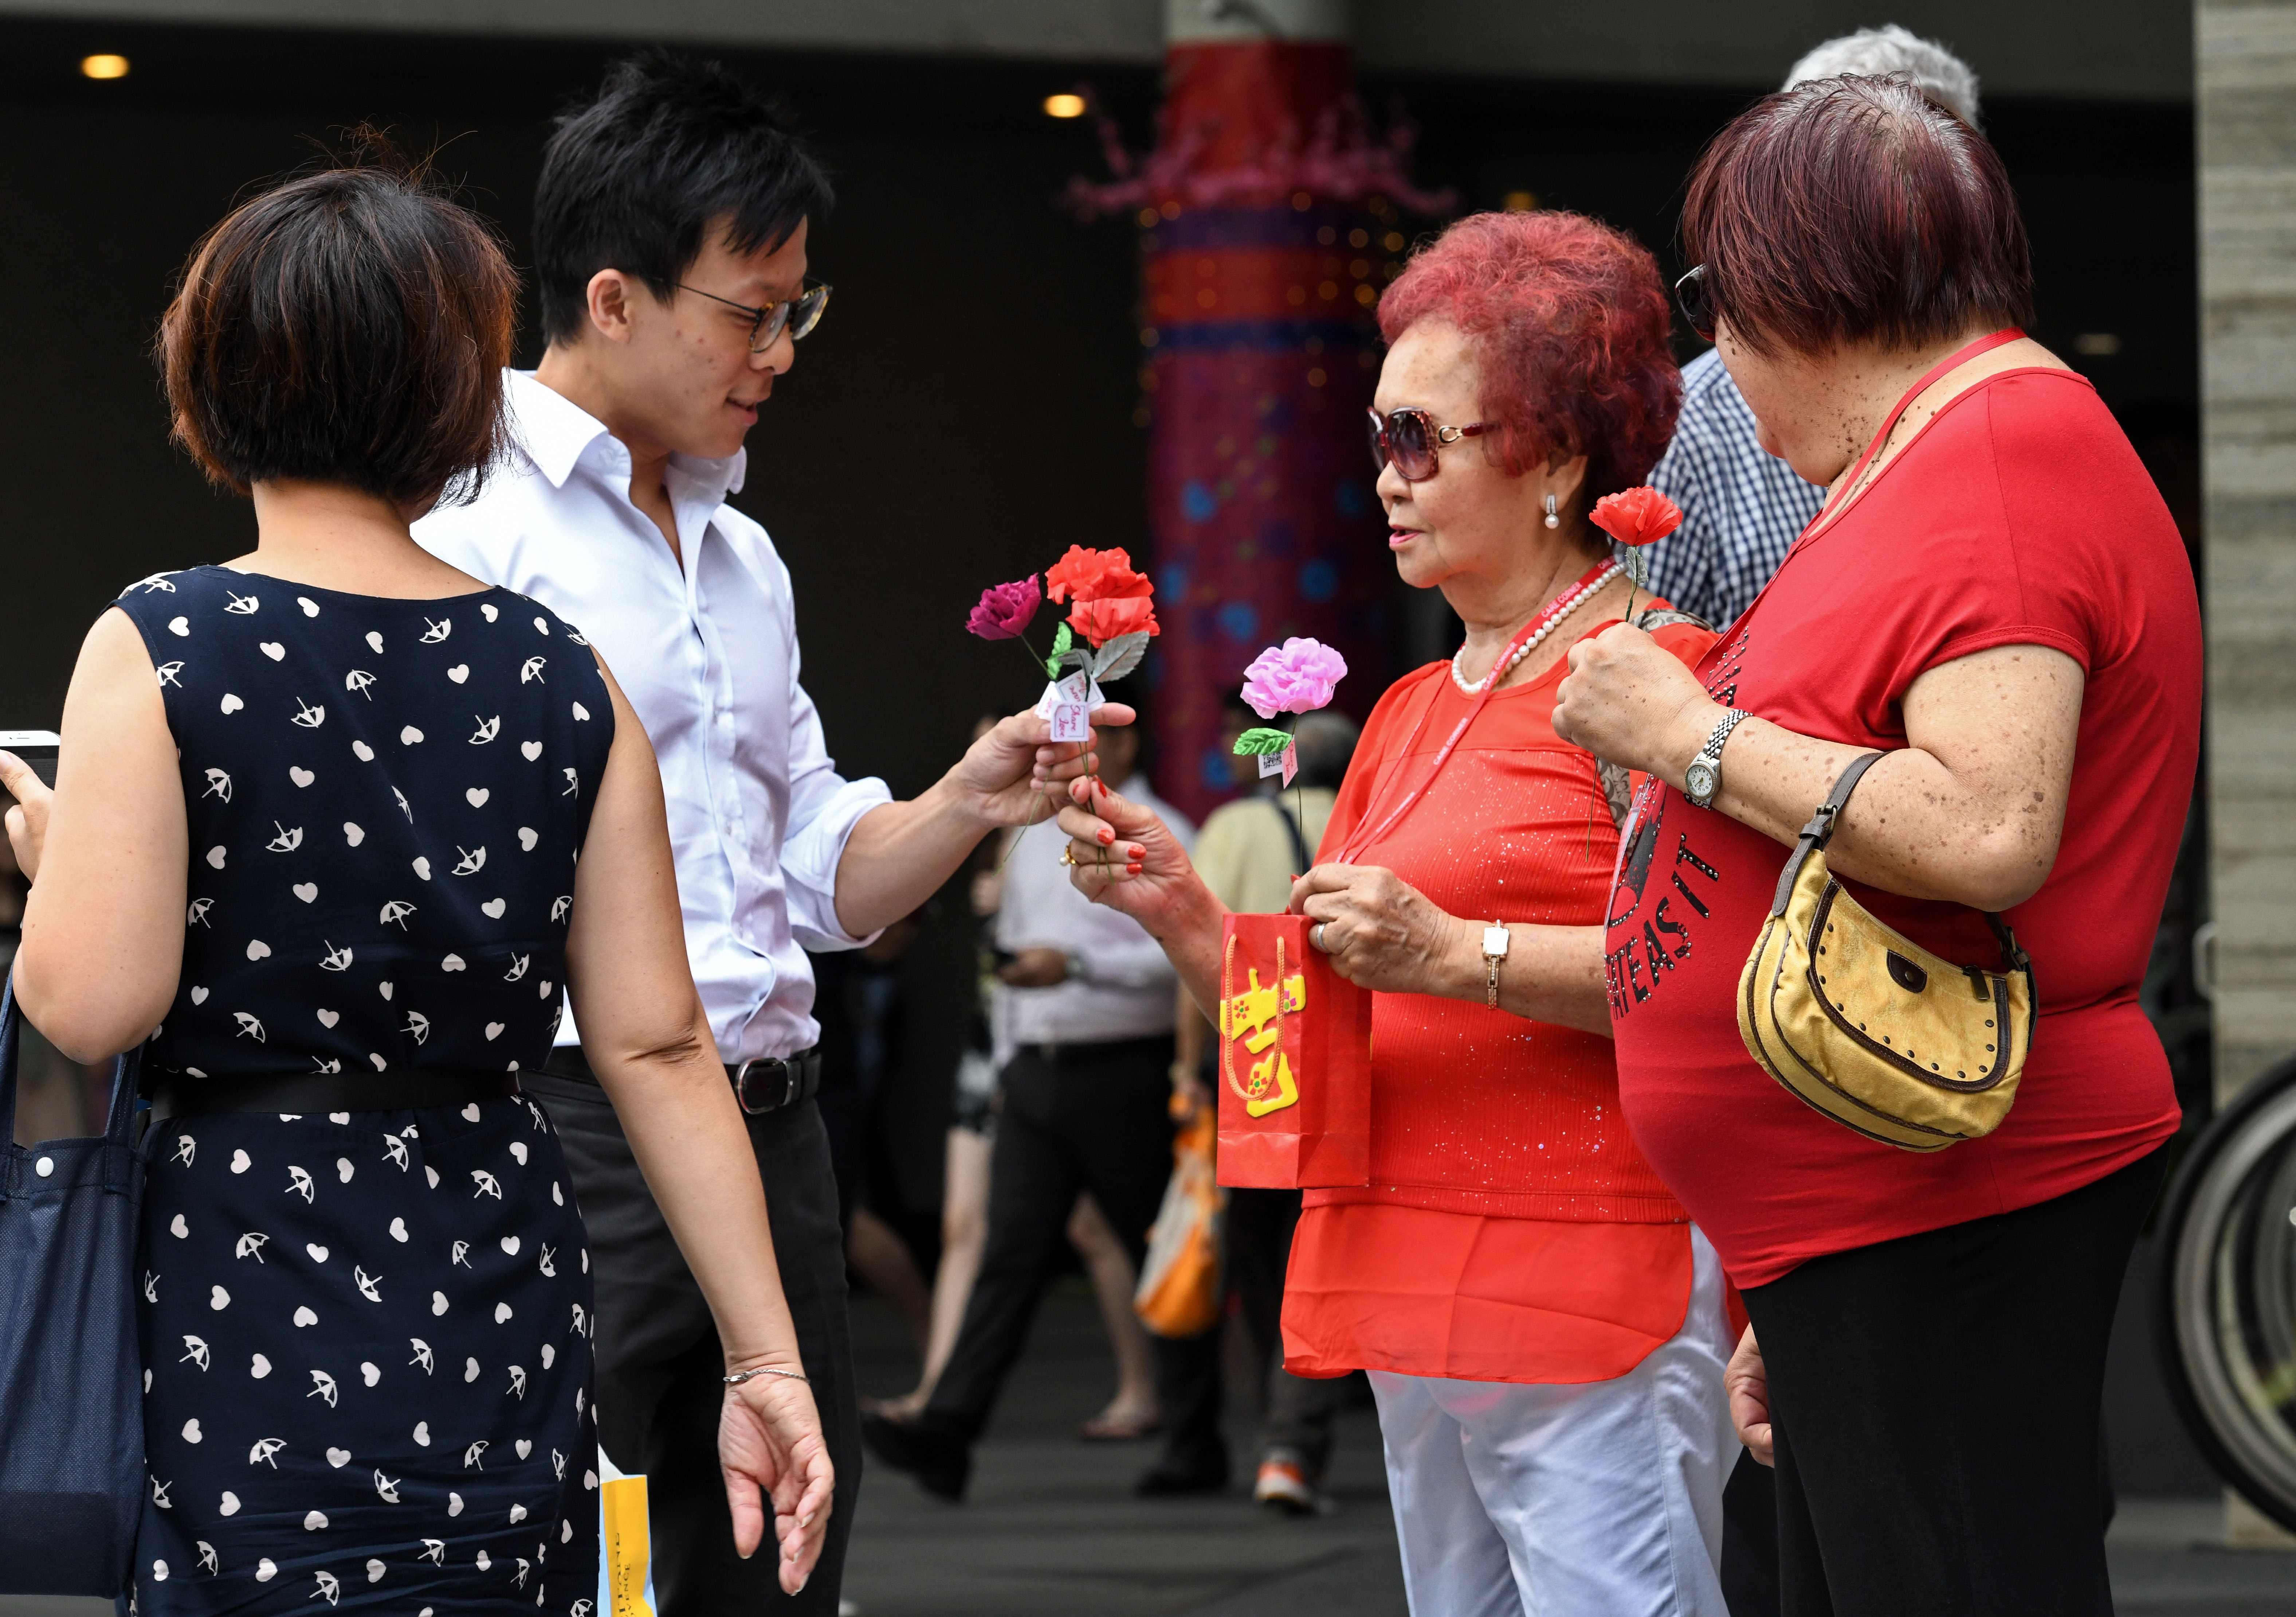 رجل يهدى امرأة وردة فى سنغافورة